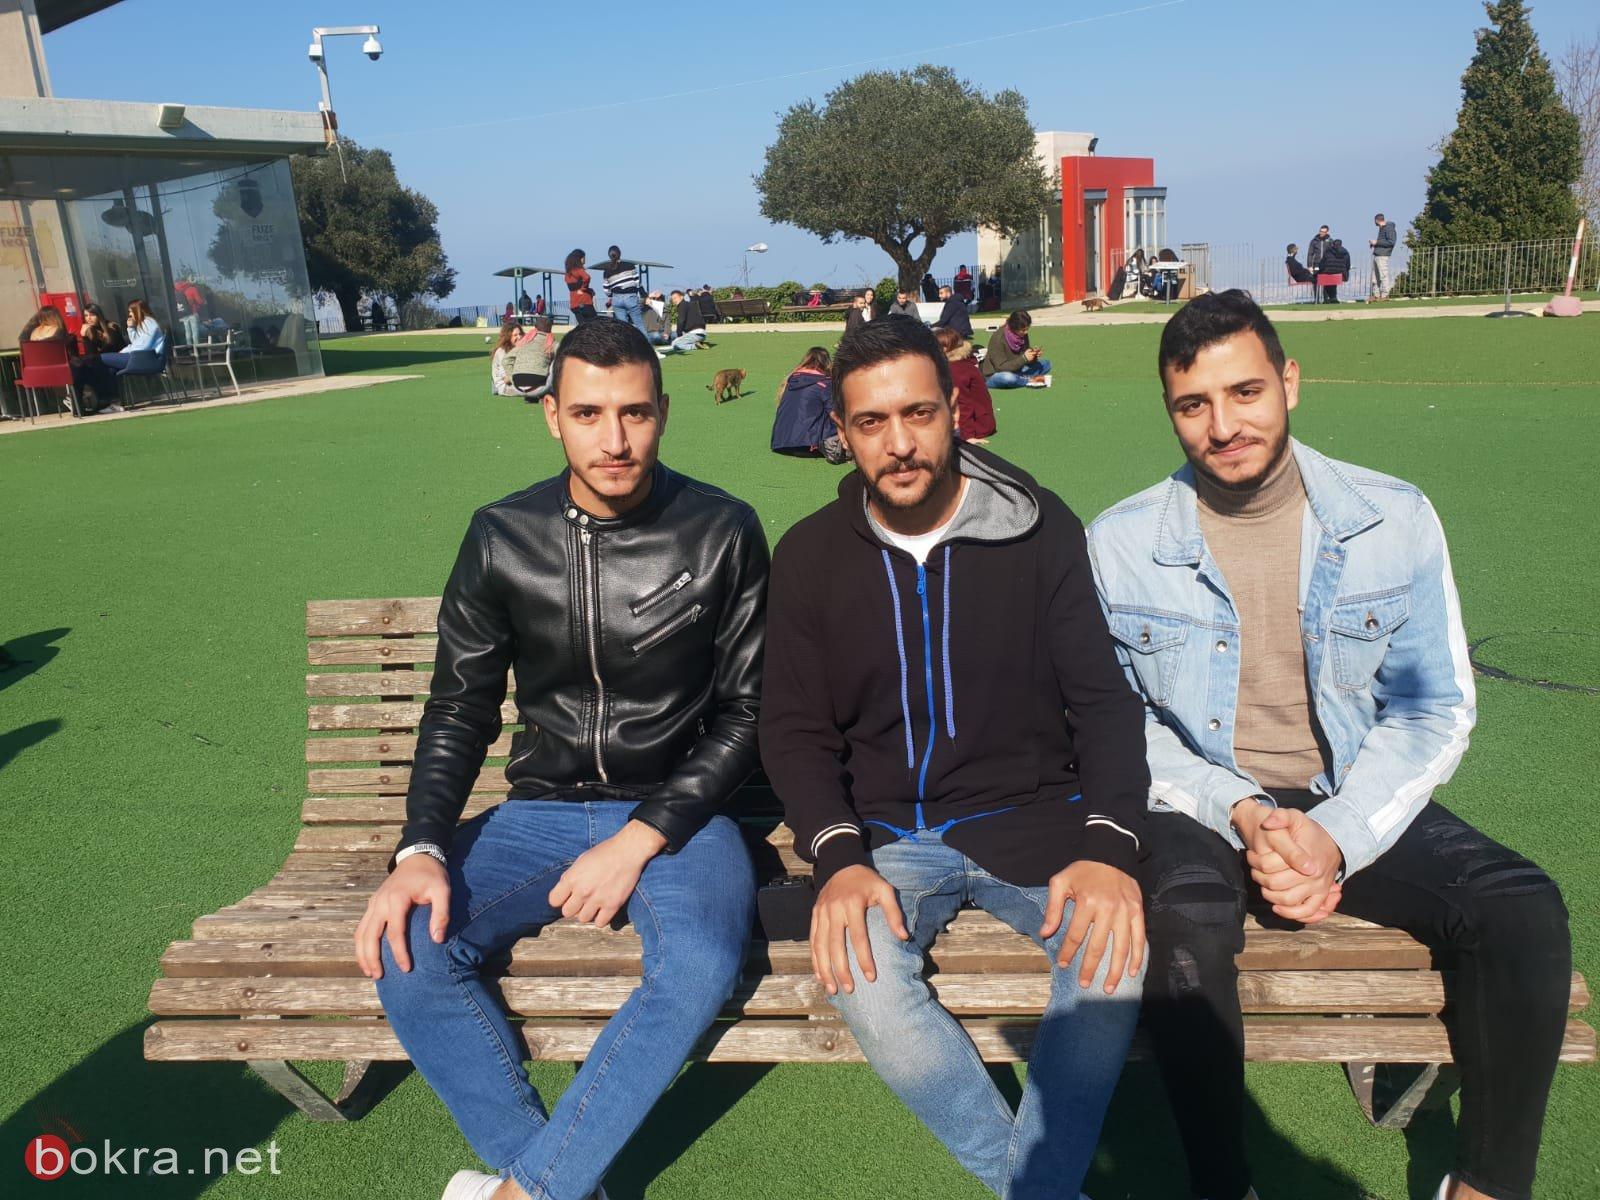 بدء الموسم الثاني من قاعدين ع بنك، شاهدوا لقاءنا مع طلاب جامعة حيفا